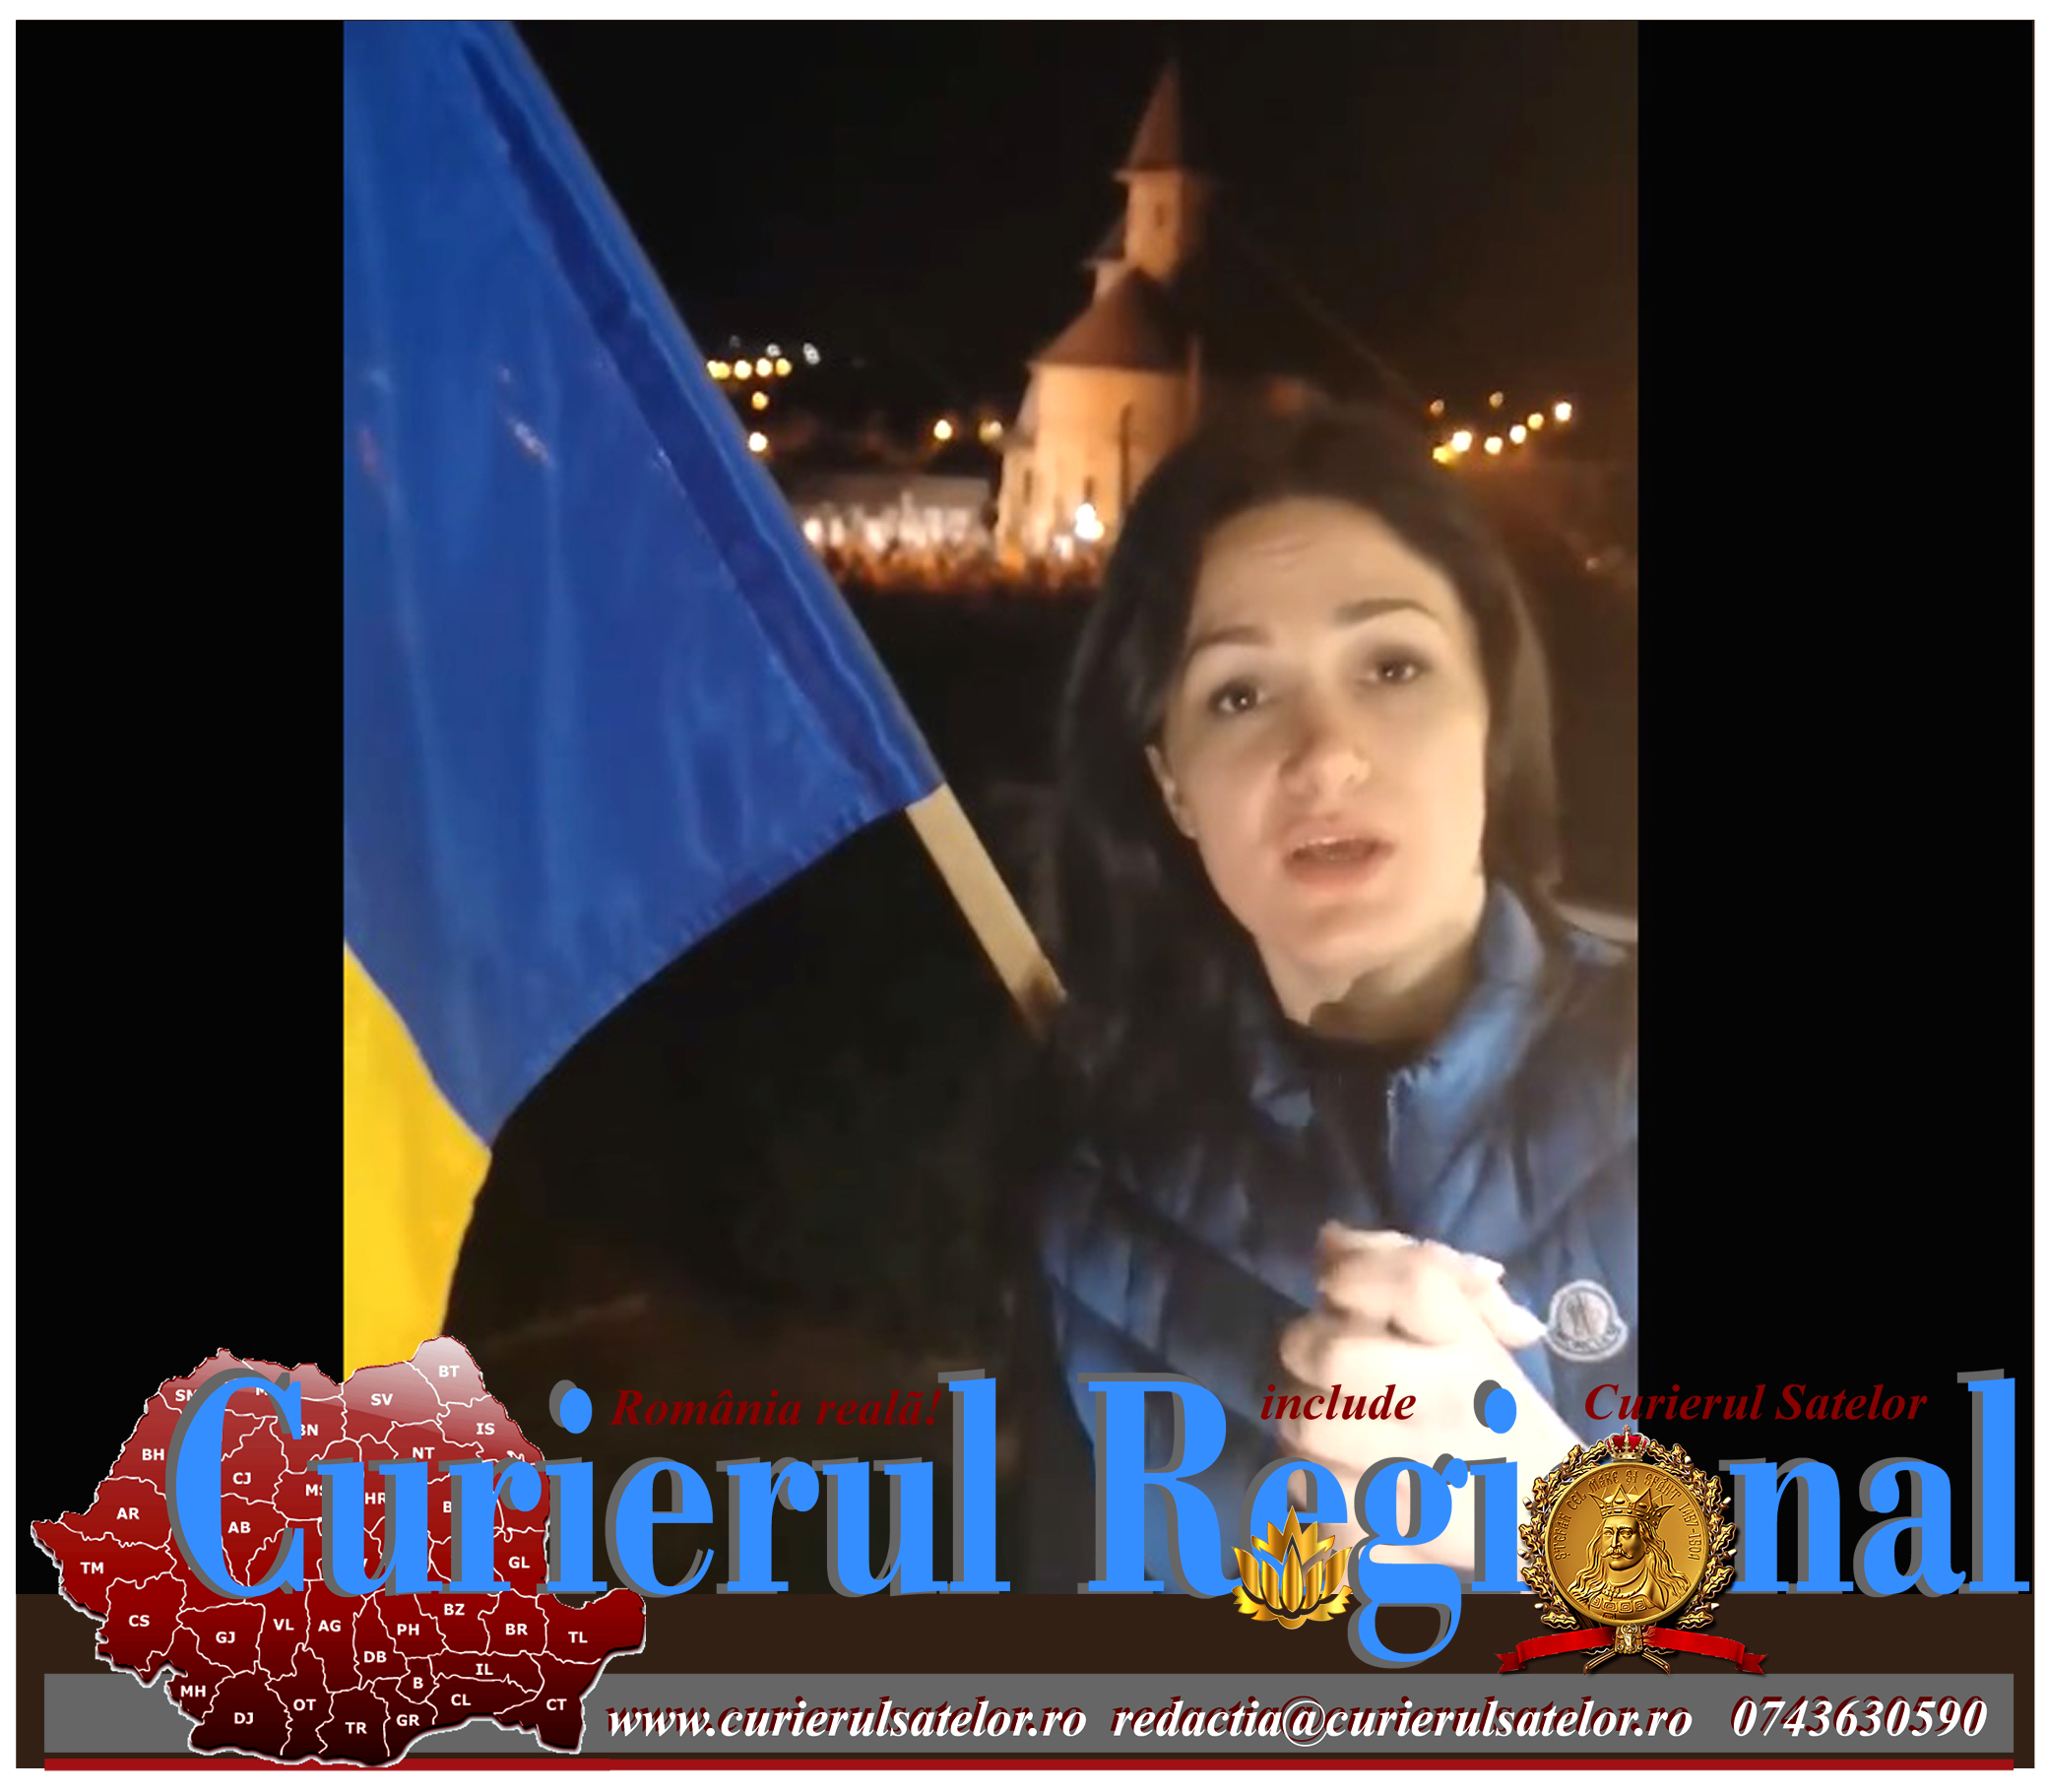 Cântăreață celebră, mesaj pentru eroii coronavirus 2